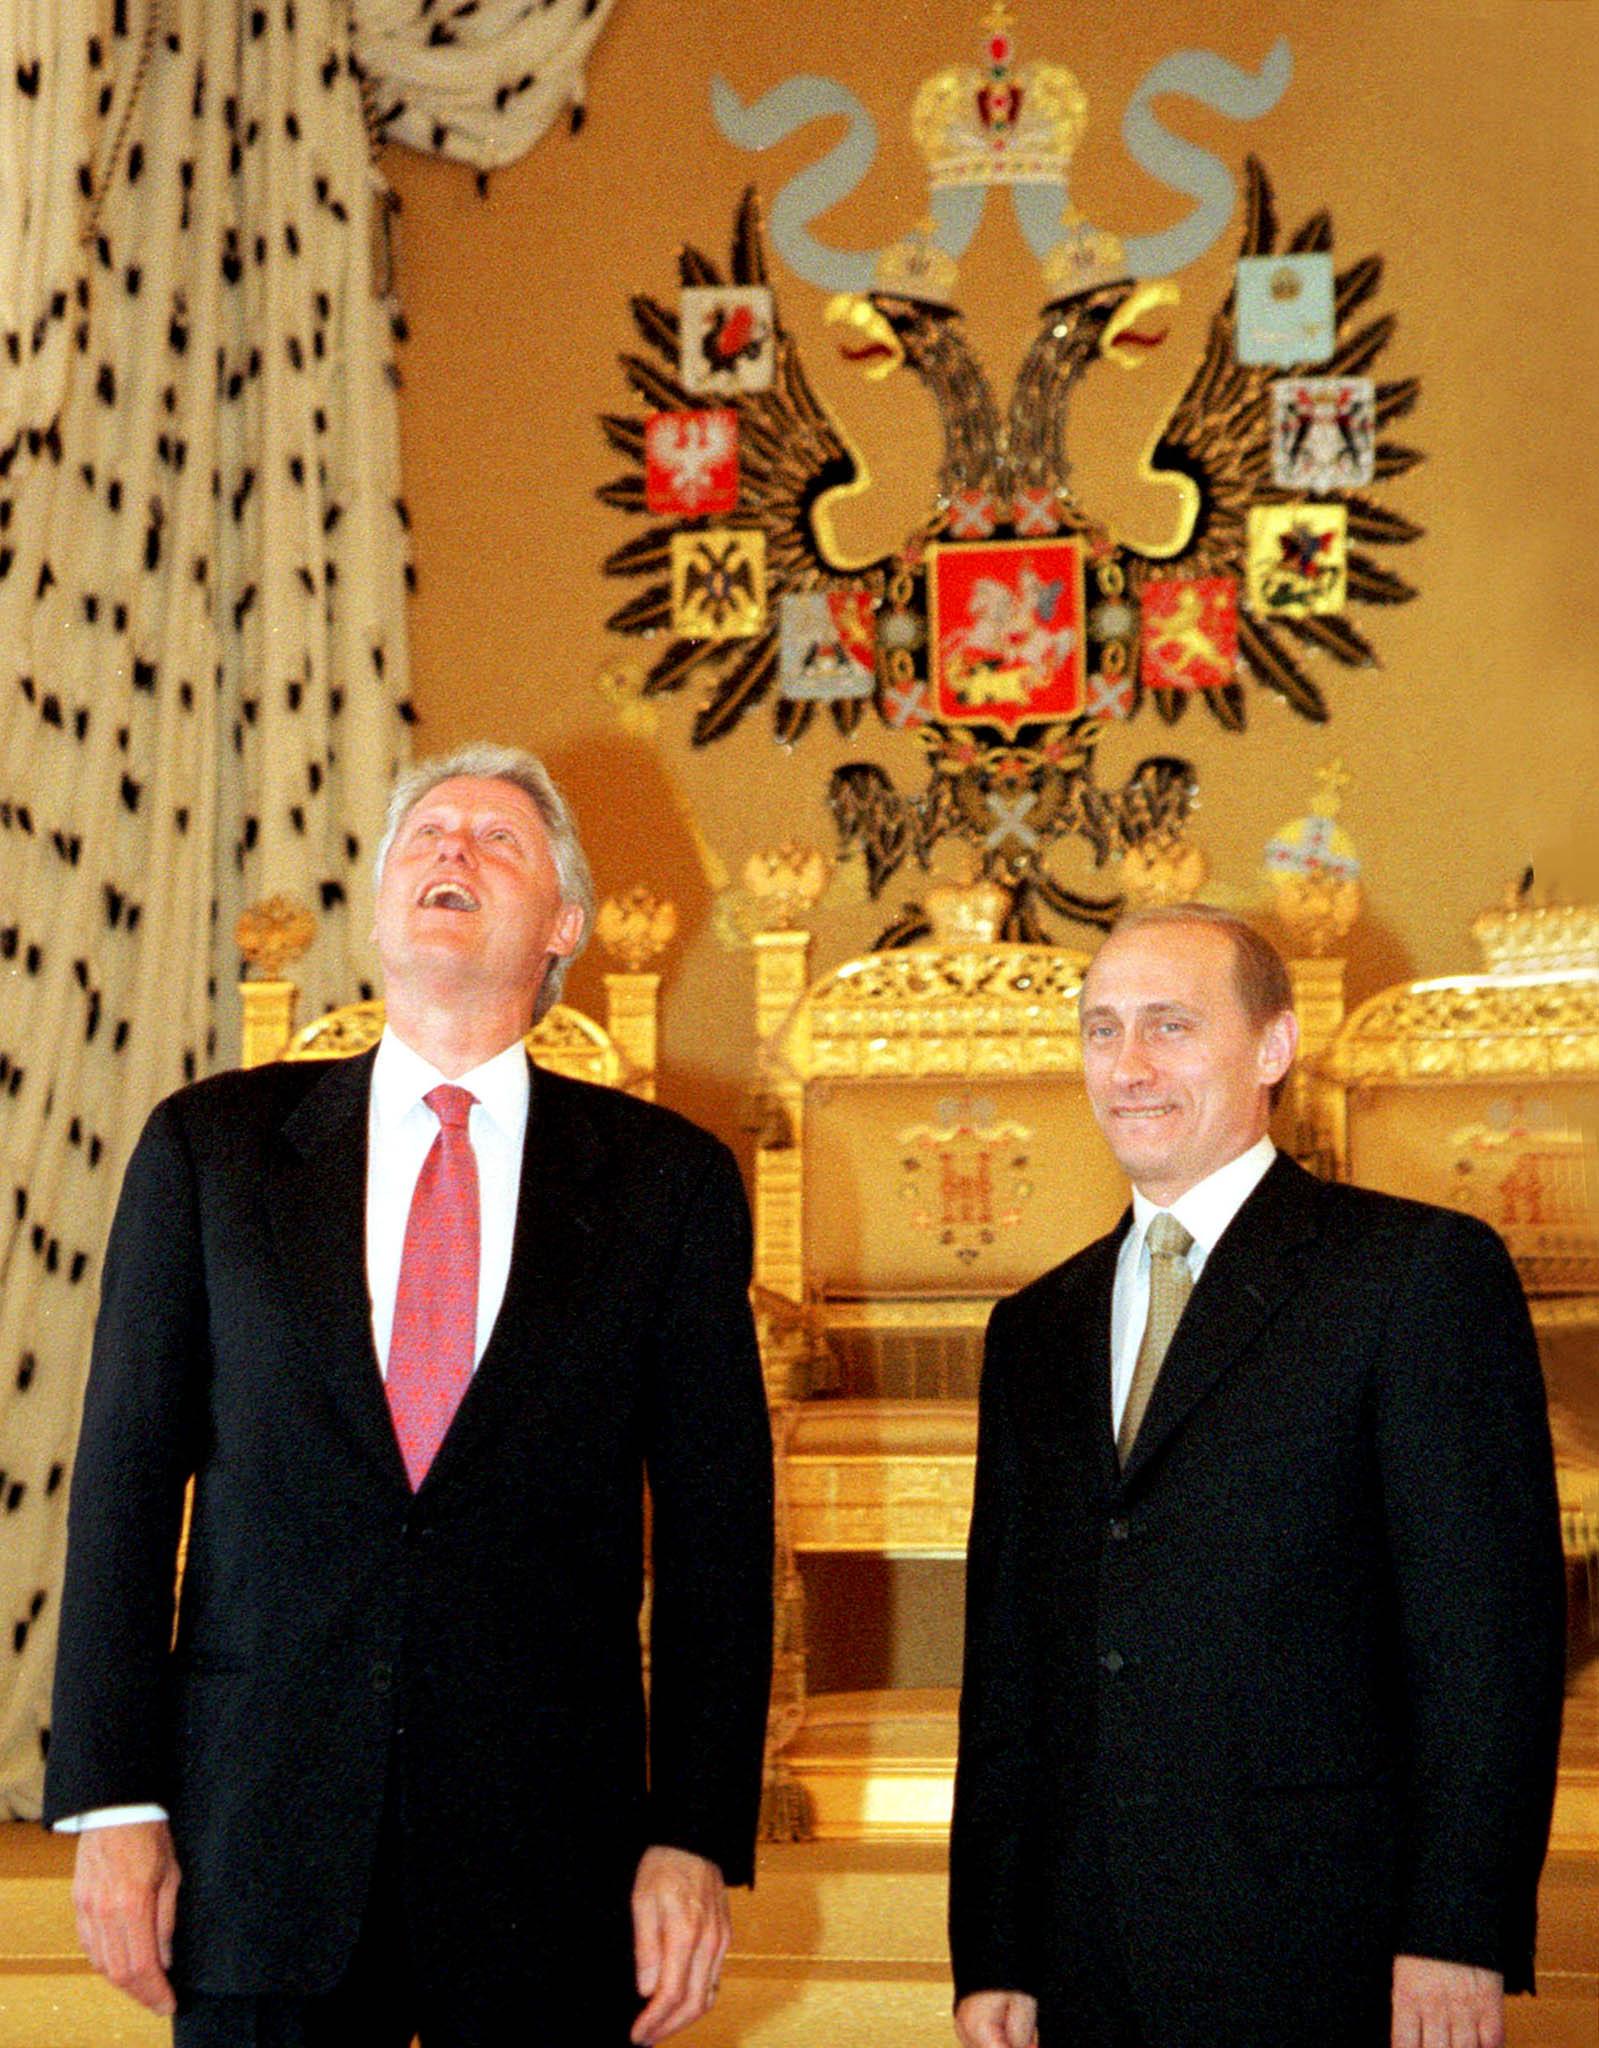 Билл Клинтон иВладимир Путин вАндреевском зале Кремля, 2000 год